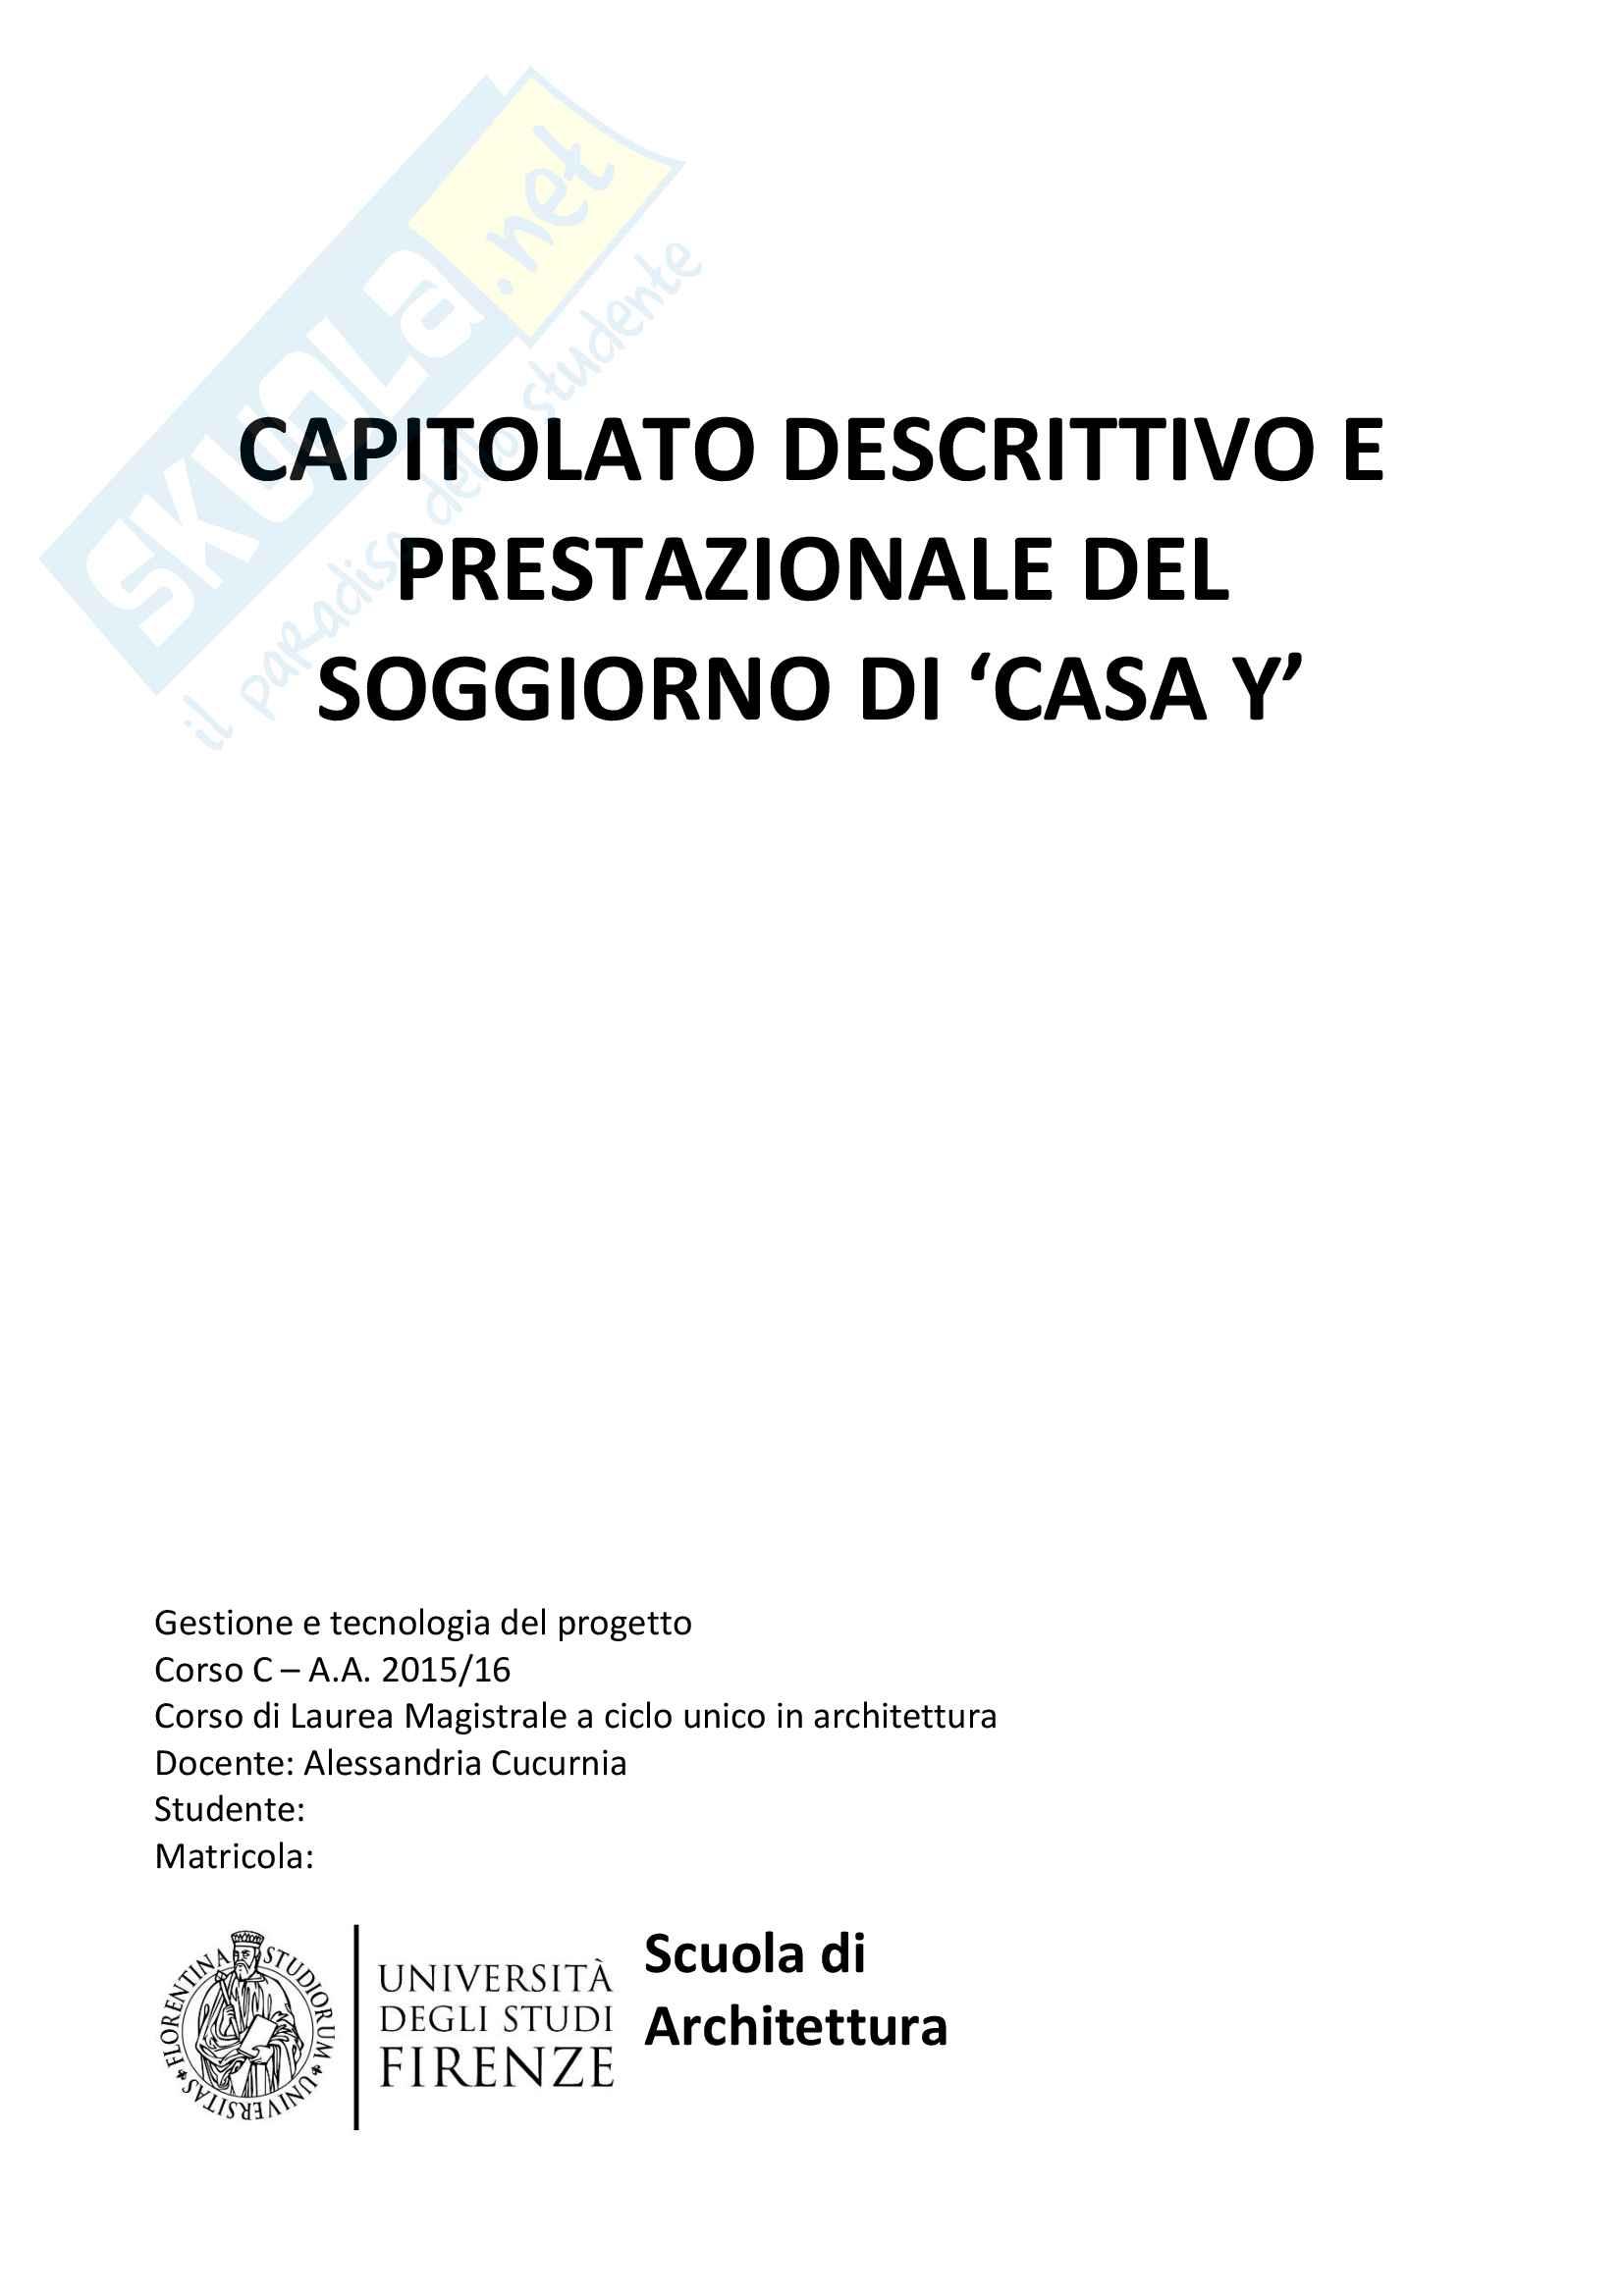 Capitolato Descrittivo e prestazionale gestione e tecnologia del progetto